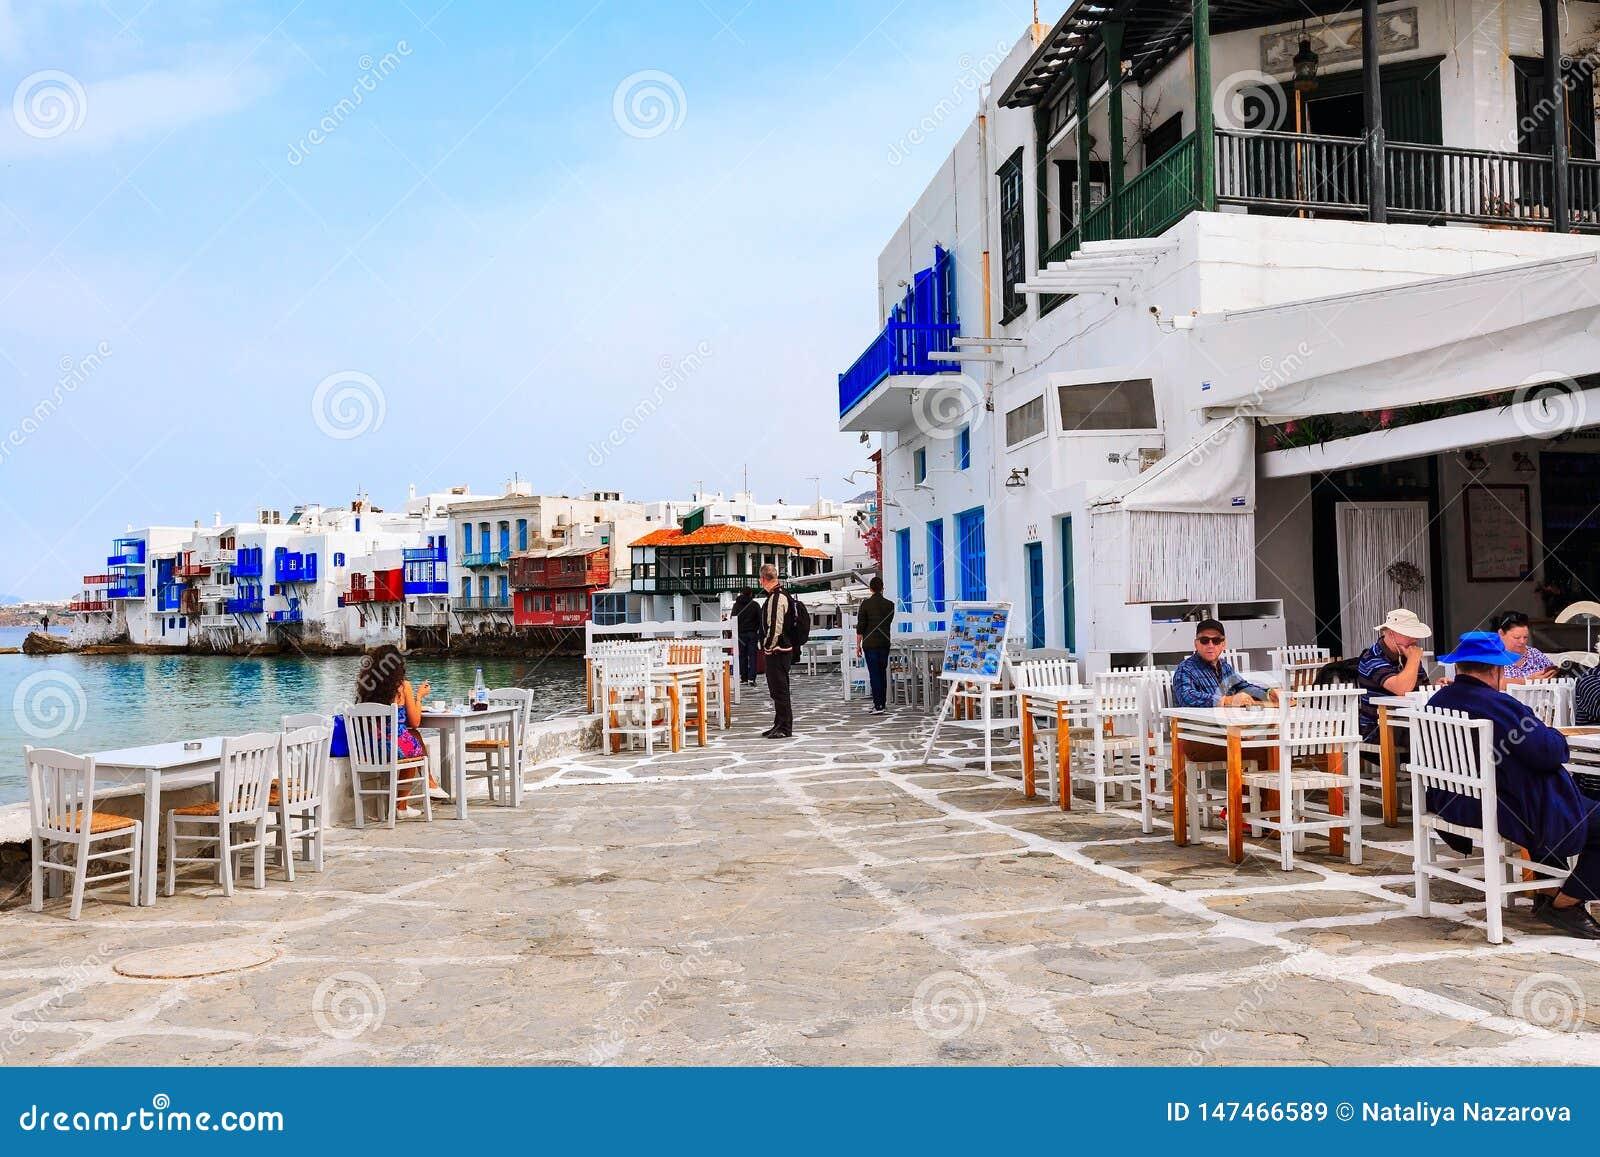 Grekisk krog i lilla Venedig, Mykonos, Grekland